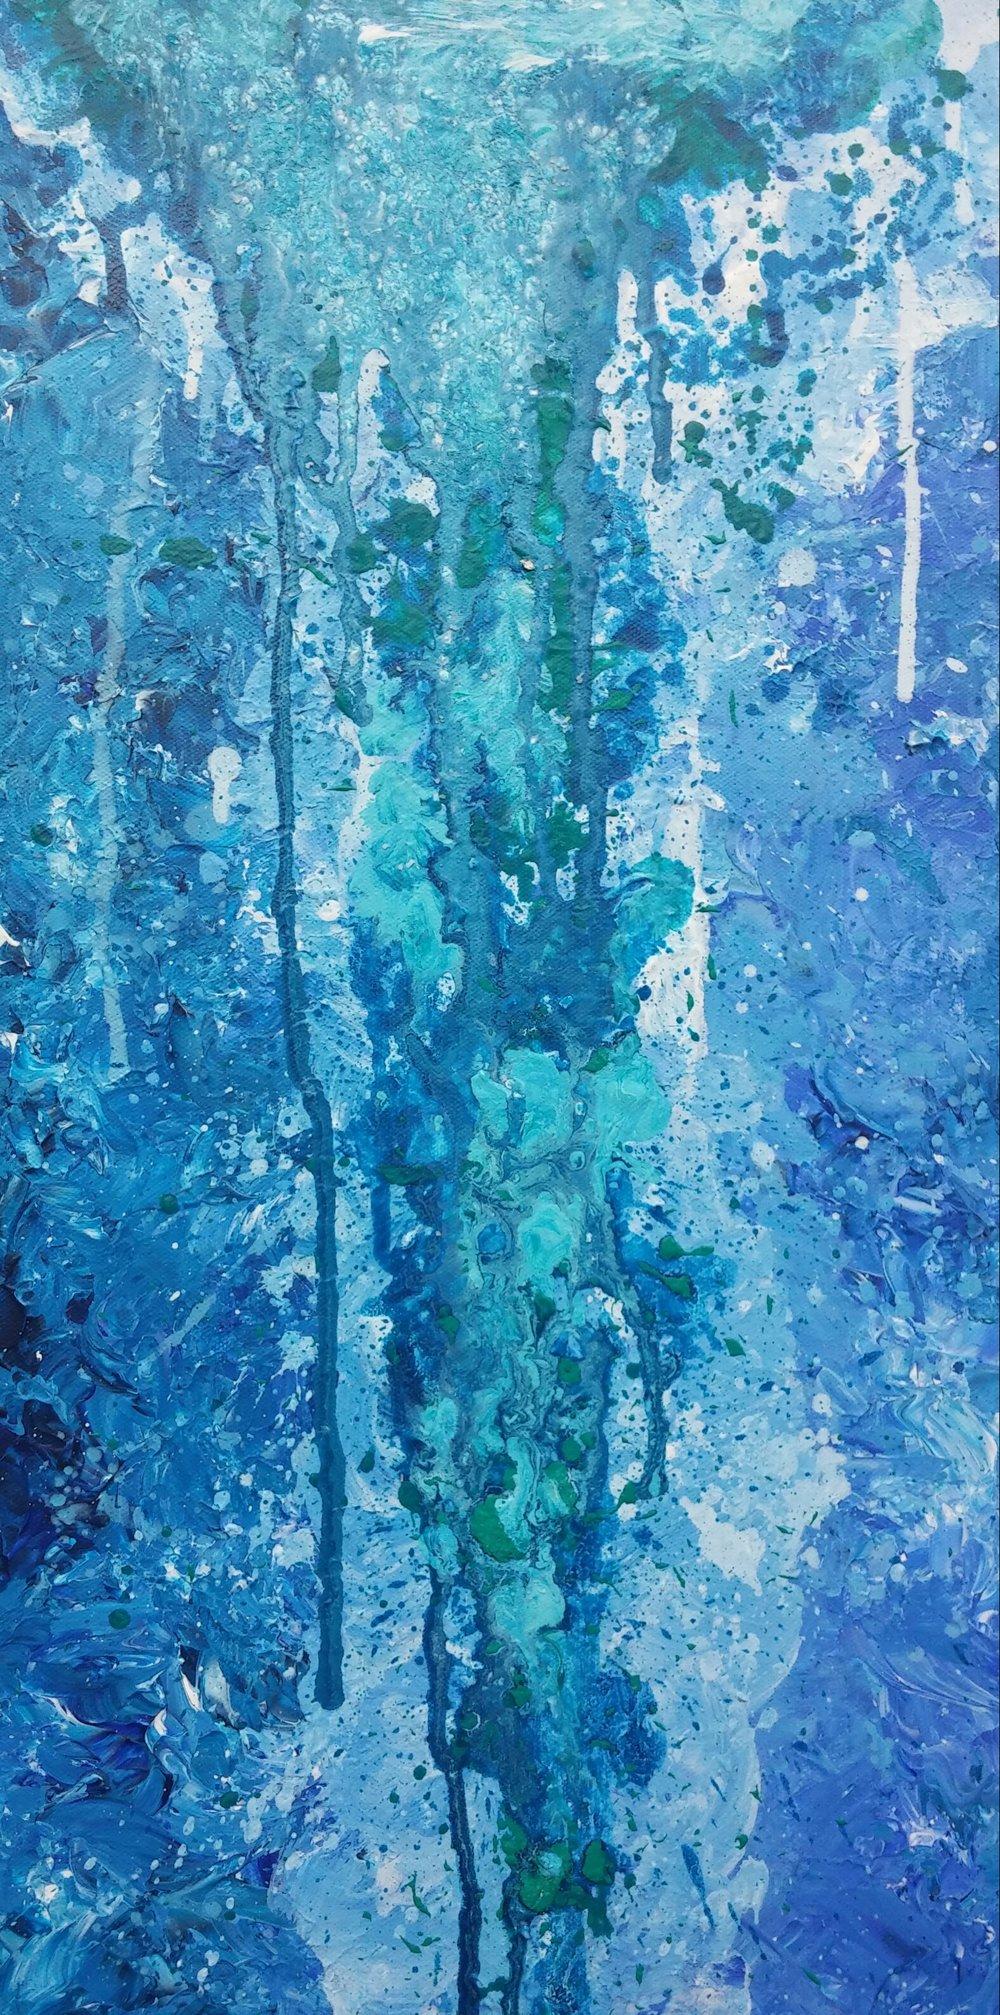 (Blue) Serene